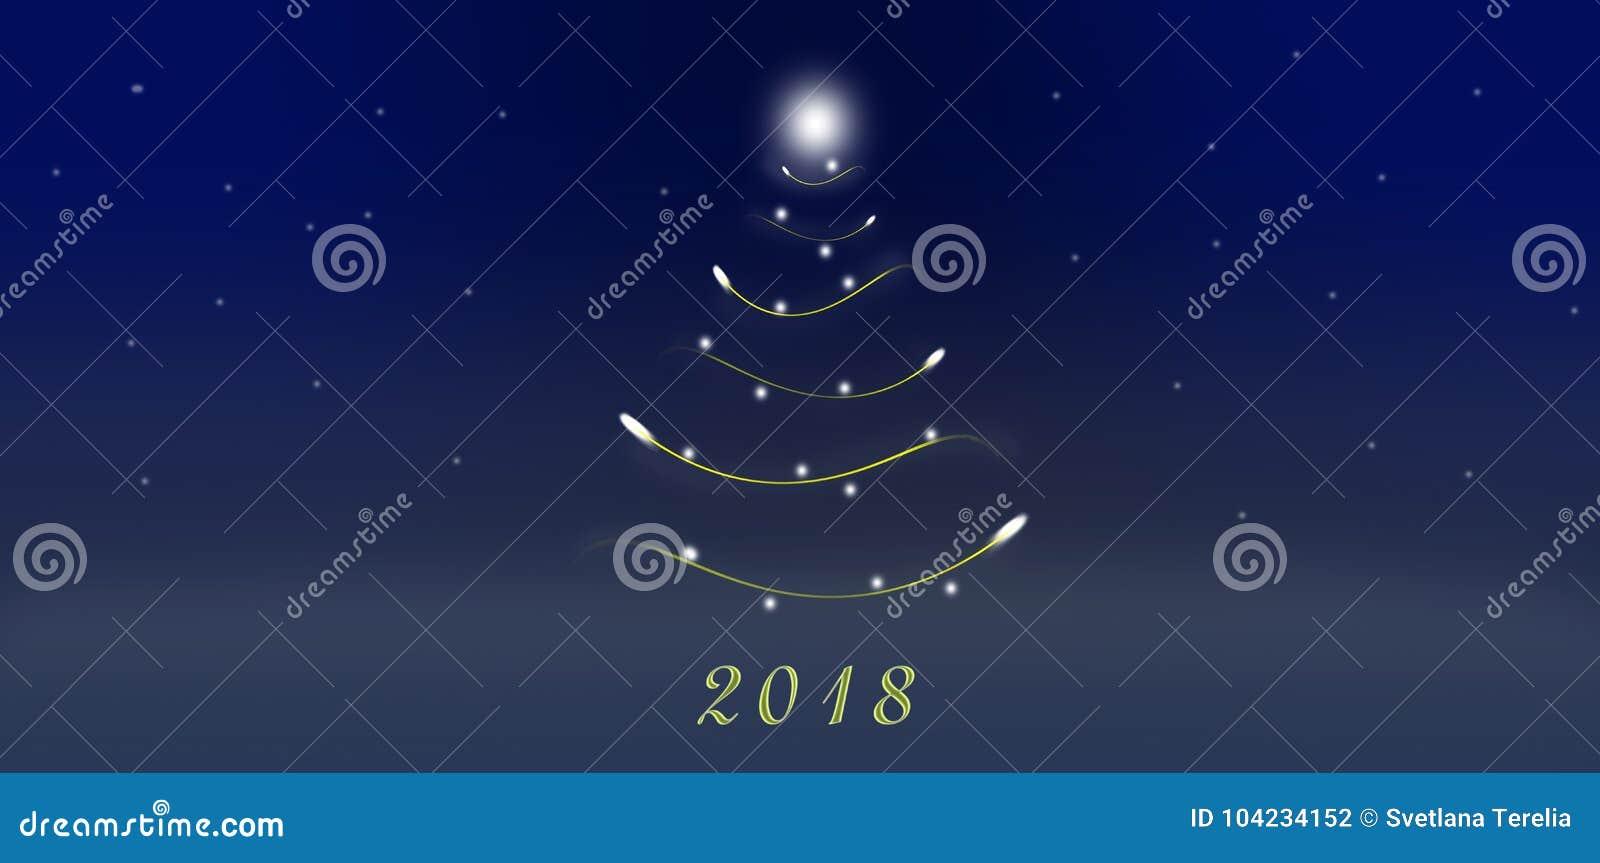 рождество моя версия вектора вала портфолио Новый Год 2018 Графический чертеж Рождество Сухой завтрак в ложке